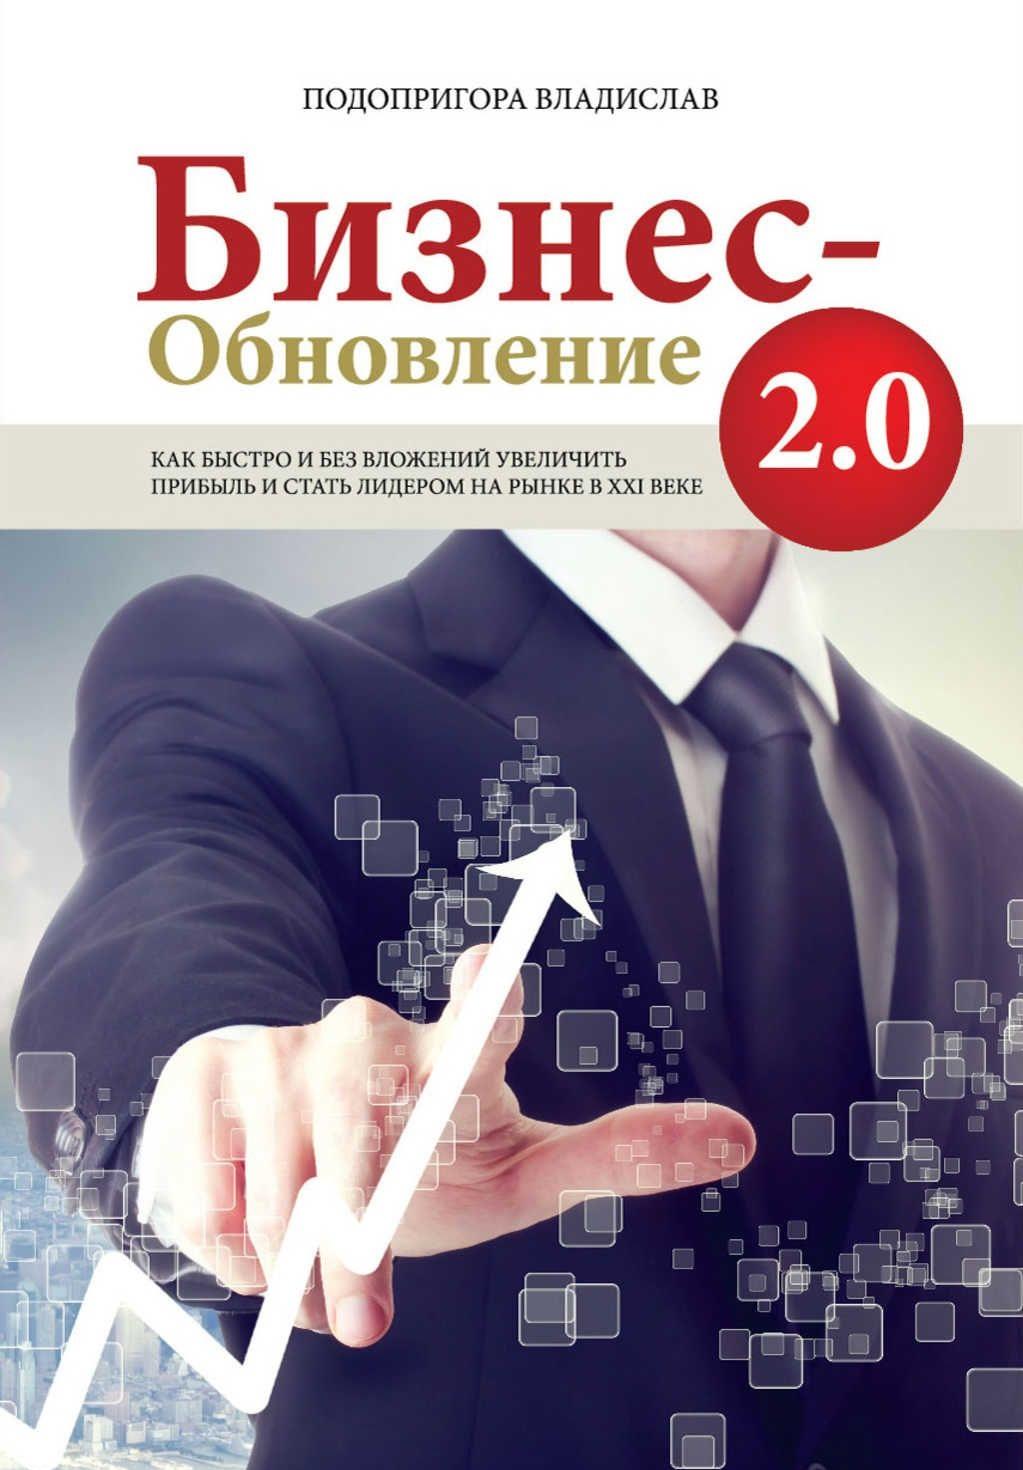 Бизнес-Обновление 2.0, Владислав Подопригора, 978-617-7138-04-3  - купить со скидкой